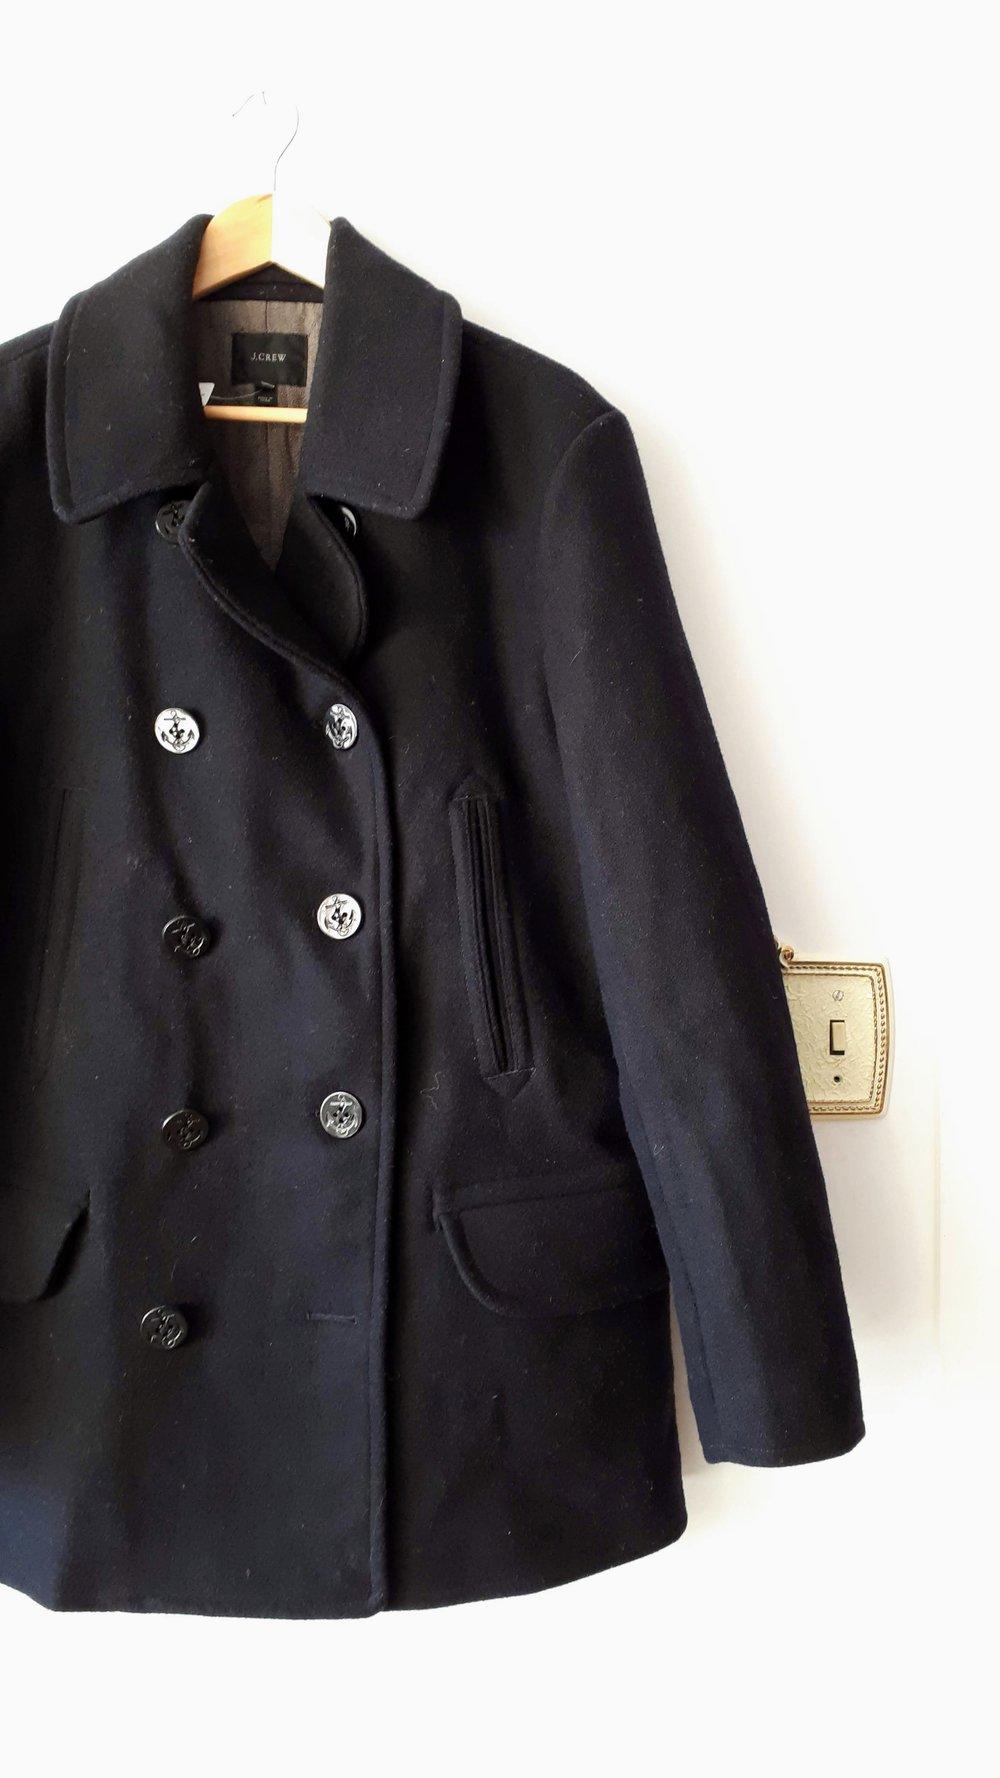 J Crew mens coat; Size L, $58